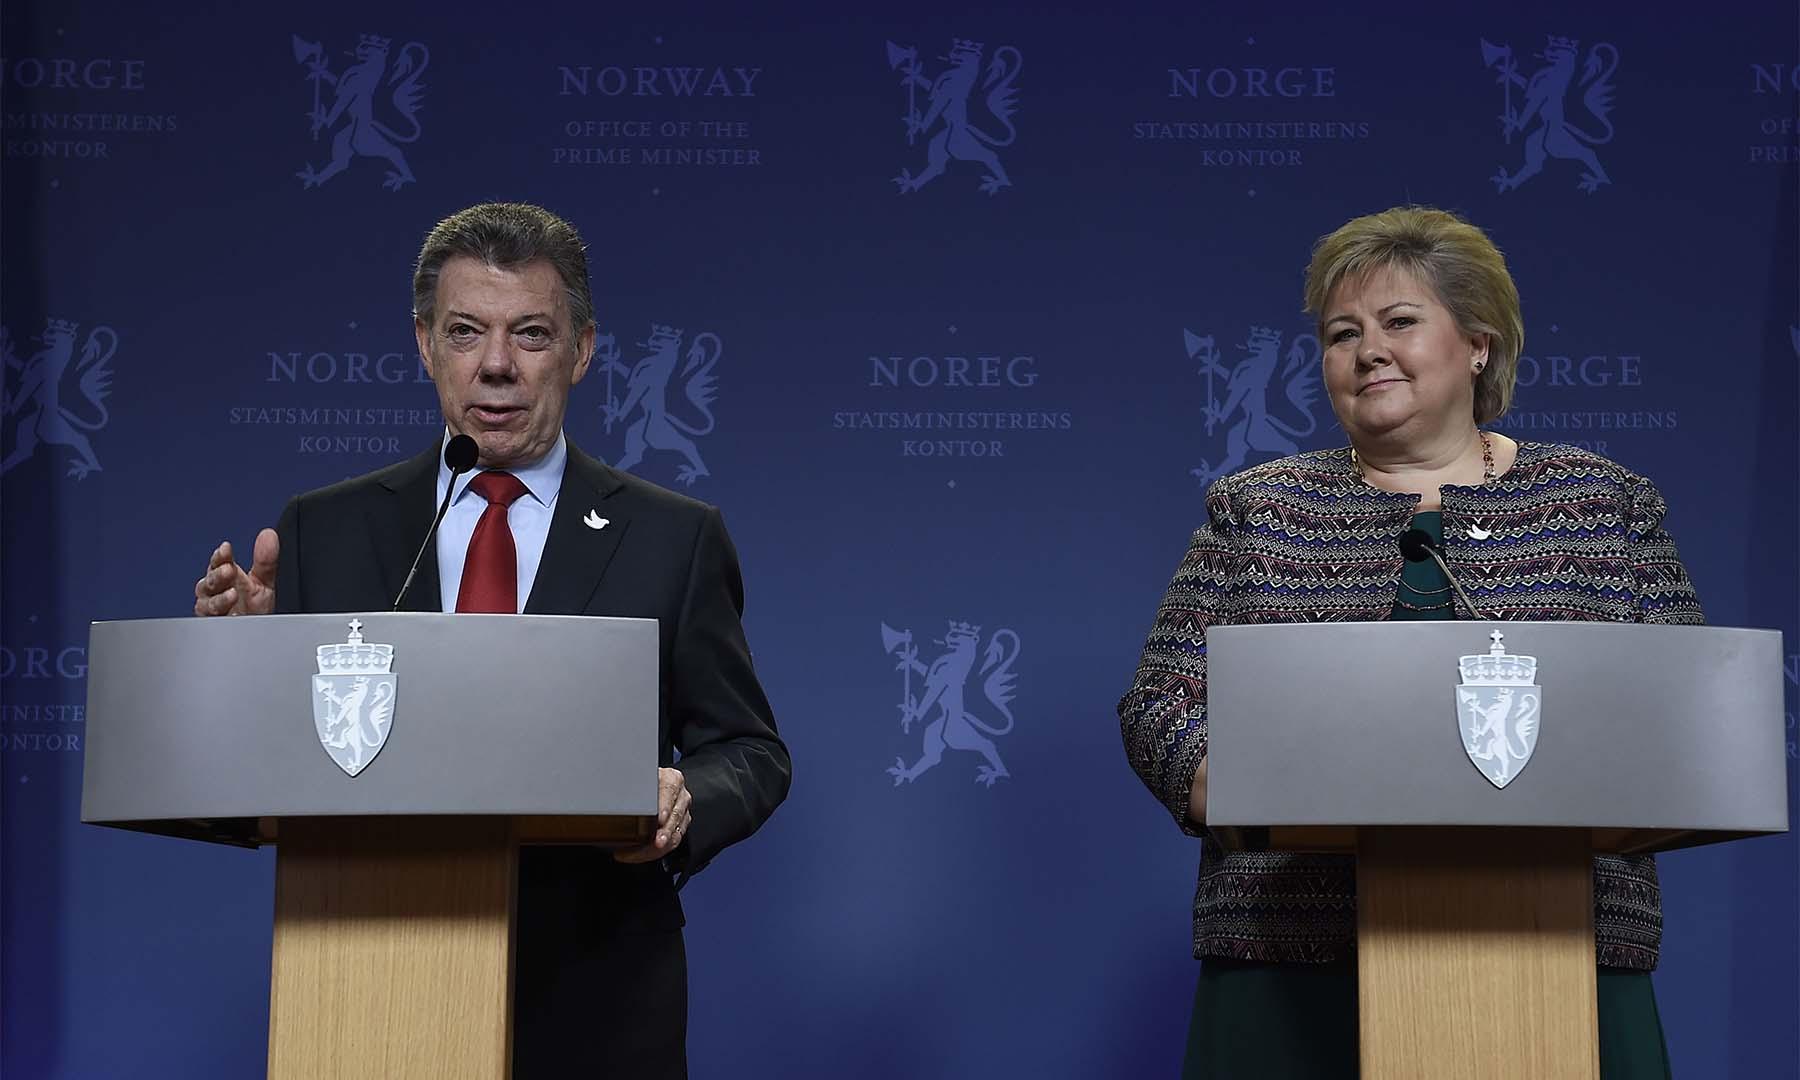 El Presidente Juan Manuel Santos agradeció el decidido apoyo de Noruega en el proceso de paz y celebró el anuncio de la Primera Ministra, Erna Solberg de que continuará con esa labor en la implementación del Nuevo Acuerdo.